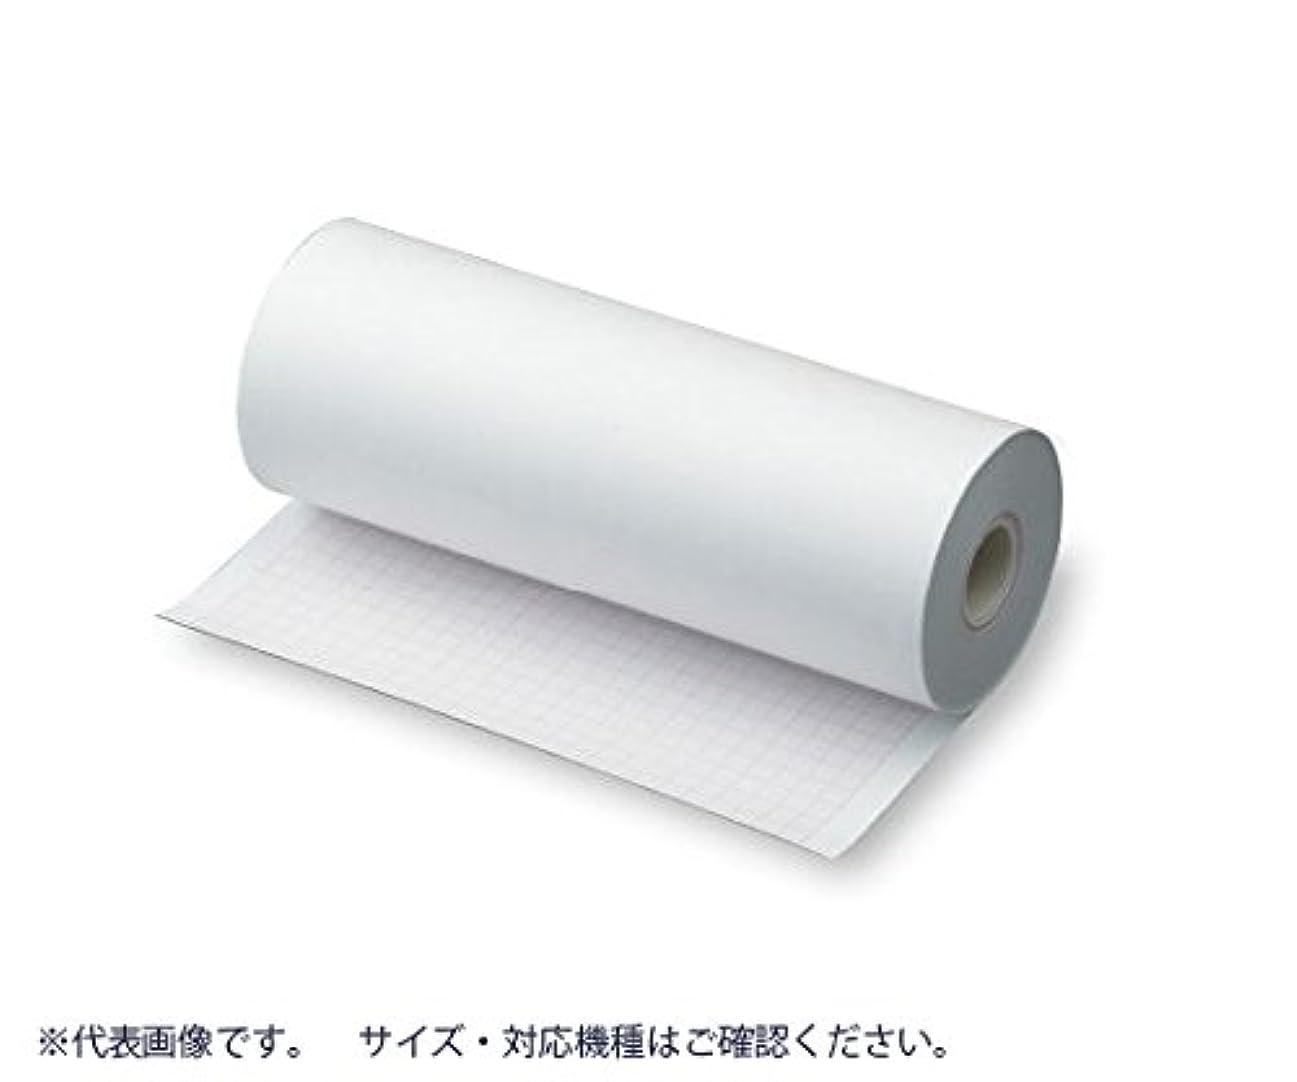 つば割合まもなく心電図用記録紙(ロ-ル紙型) 210mm×30m /8-7041-03